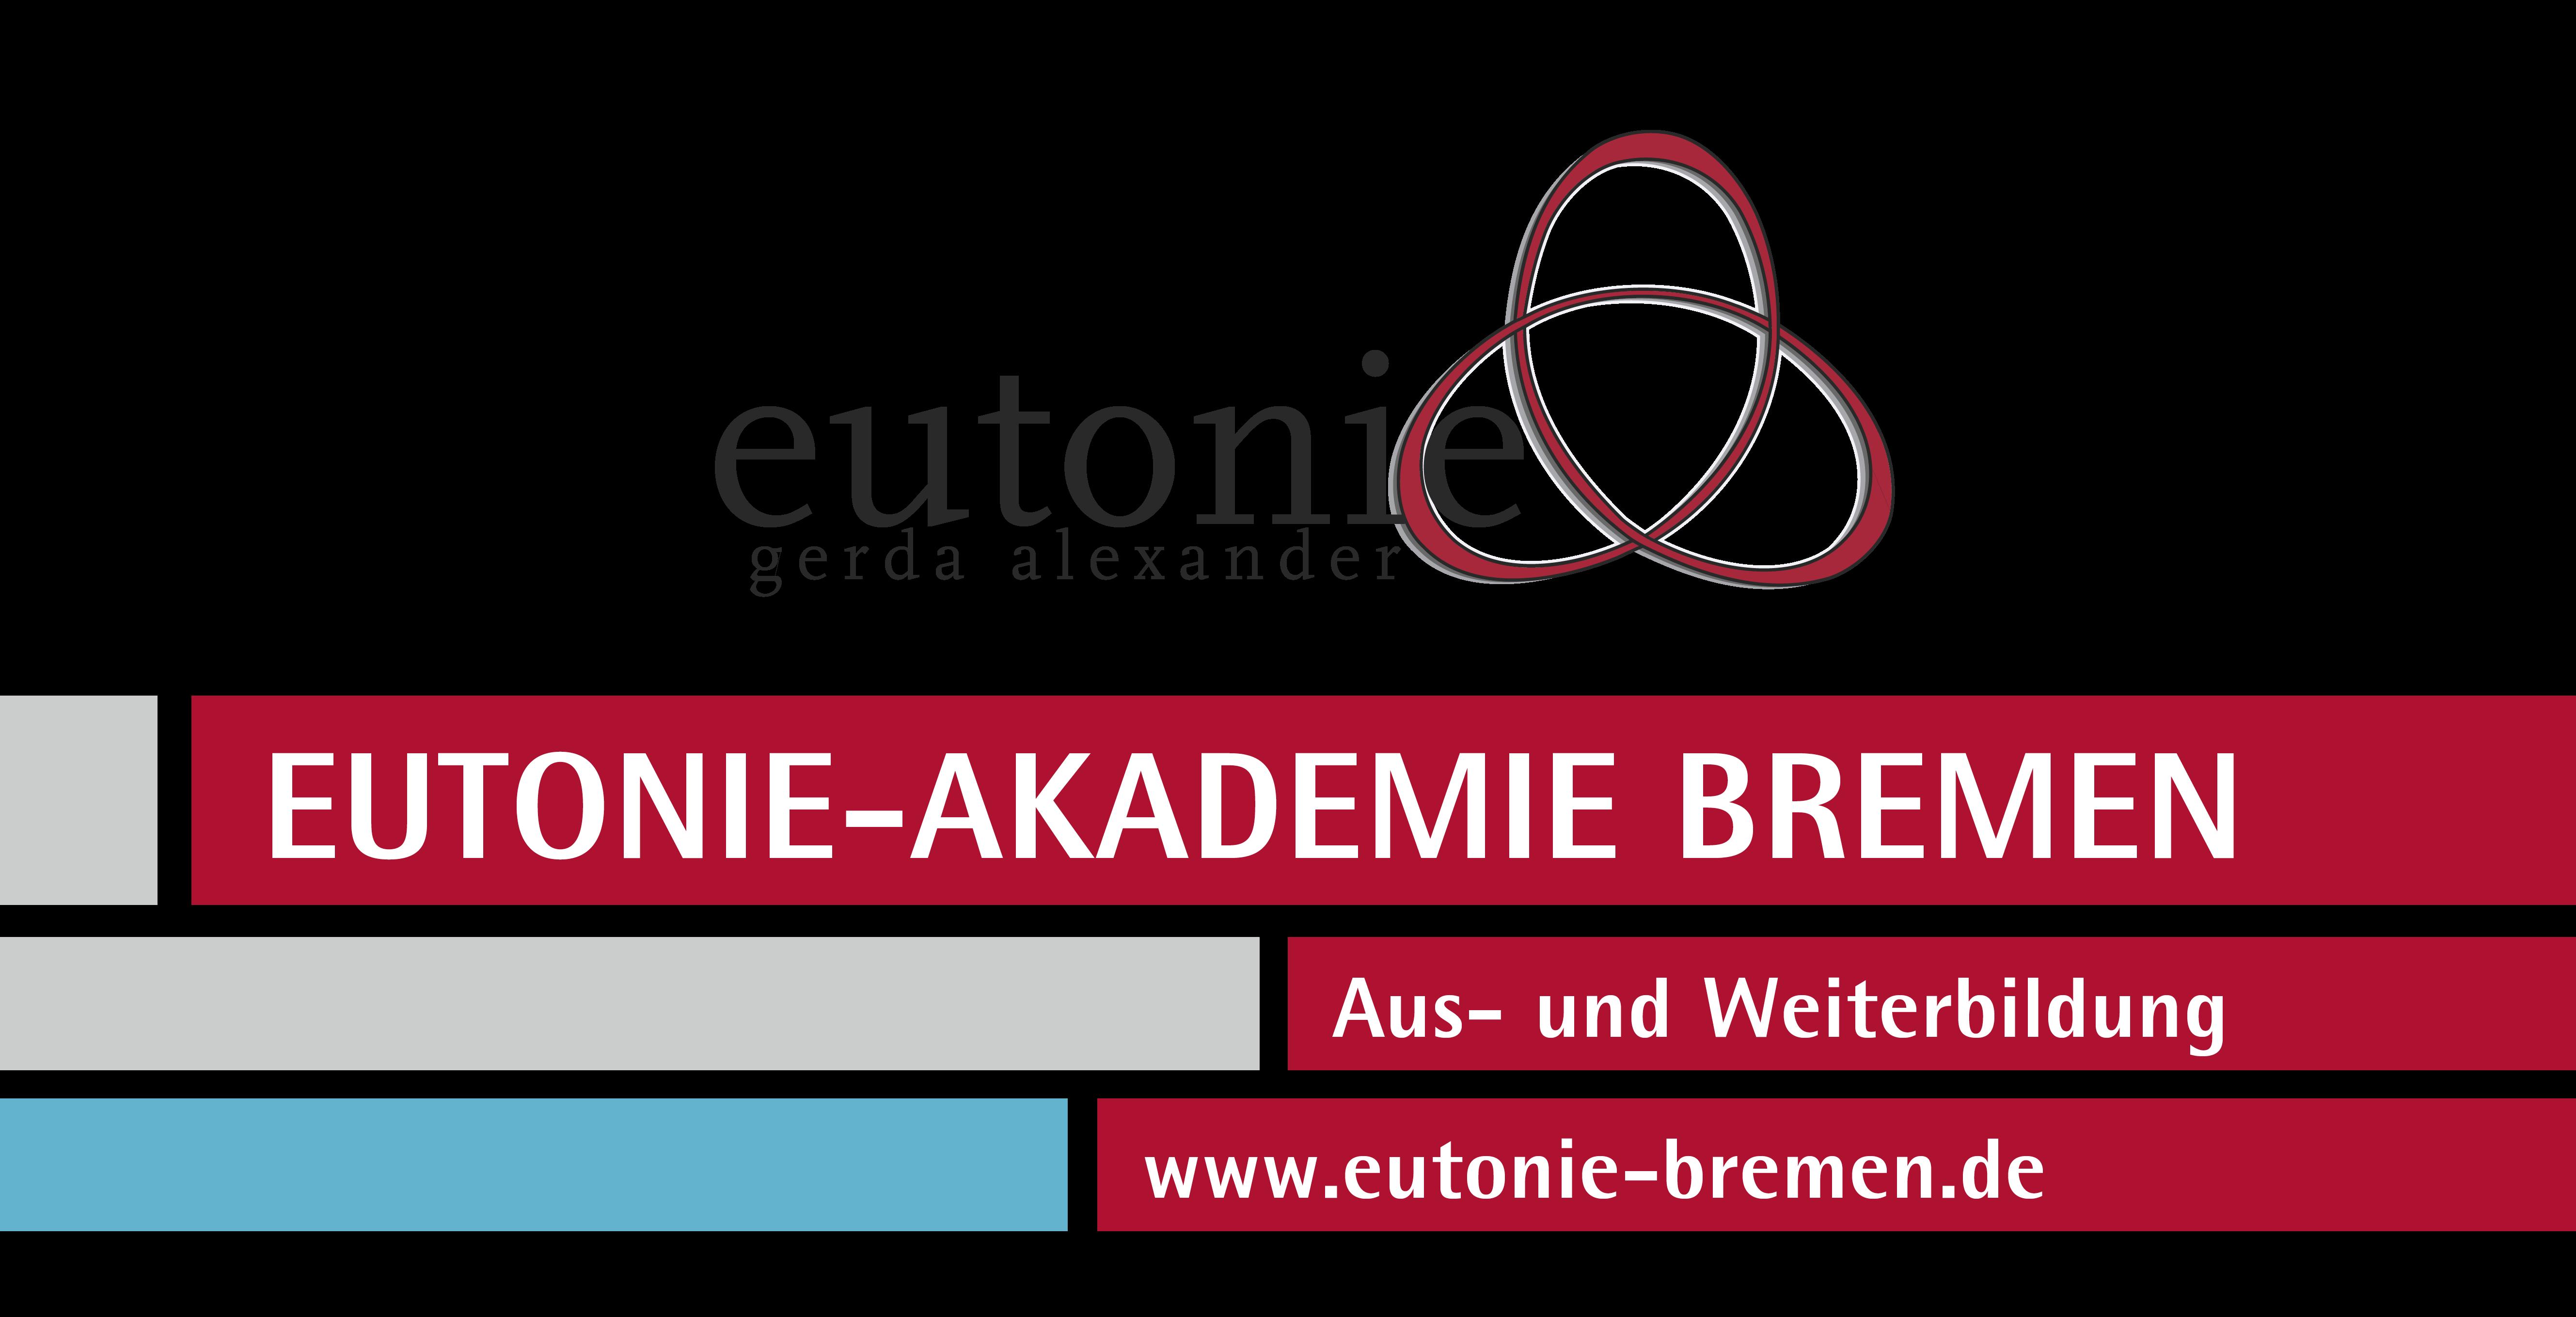 Logo der Eutonie-Akademie Bremen